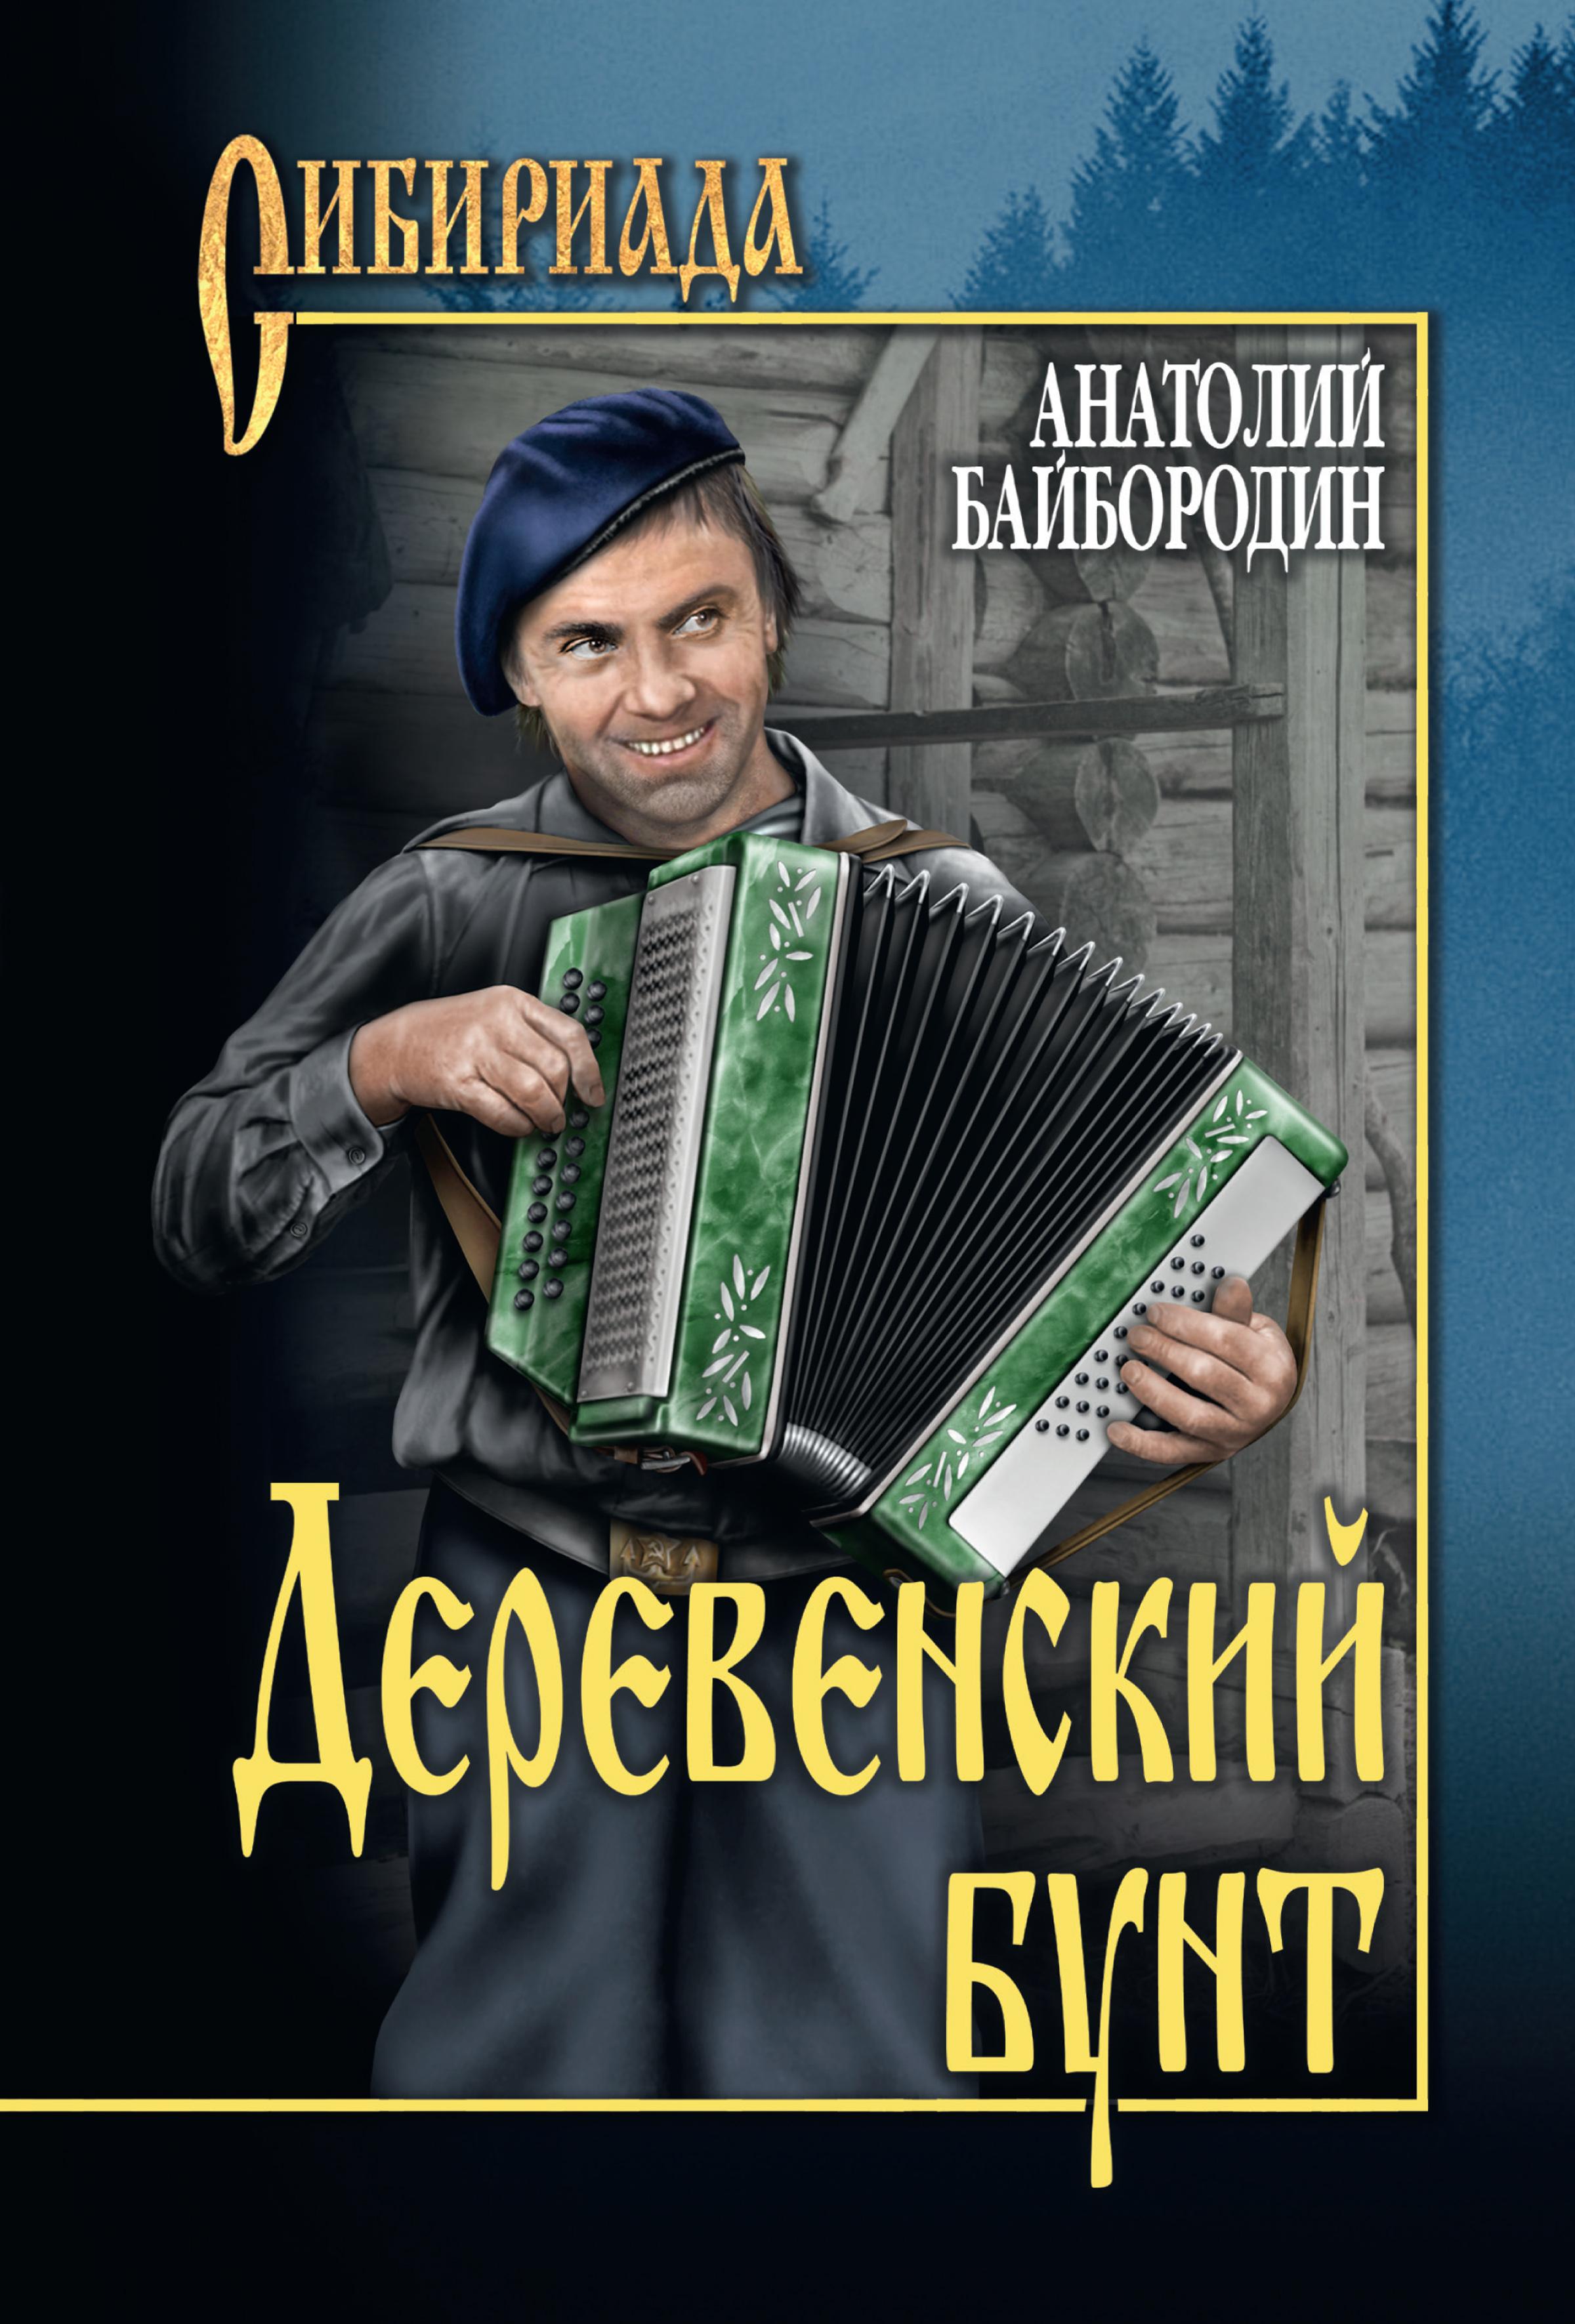 Анатолий Байбородин Дереенский бунт